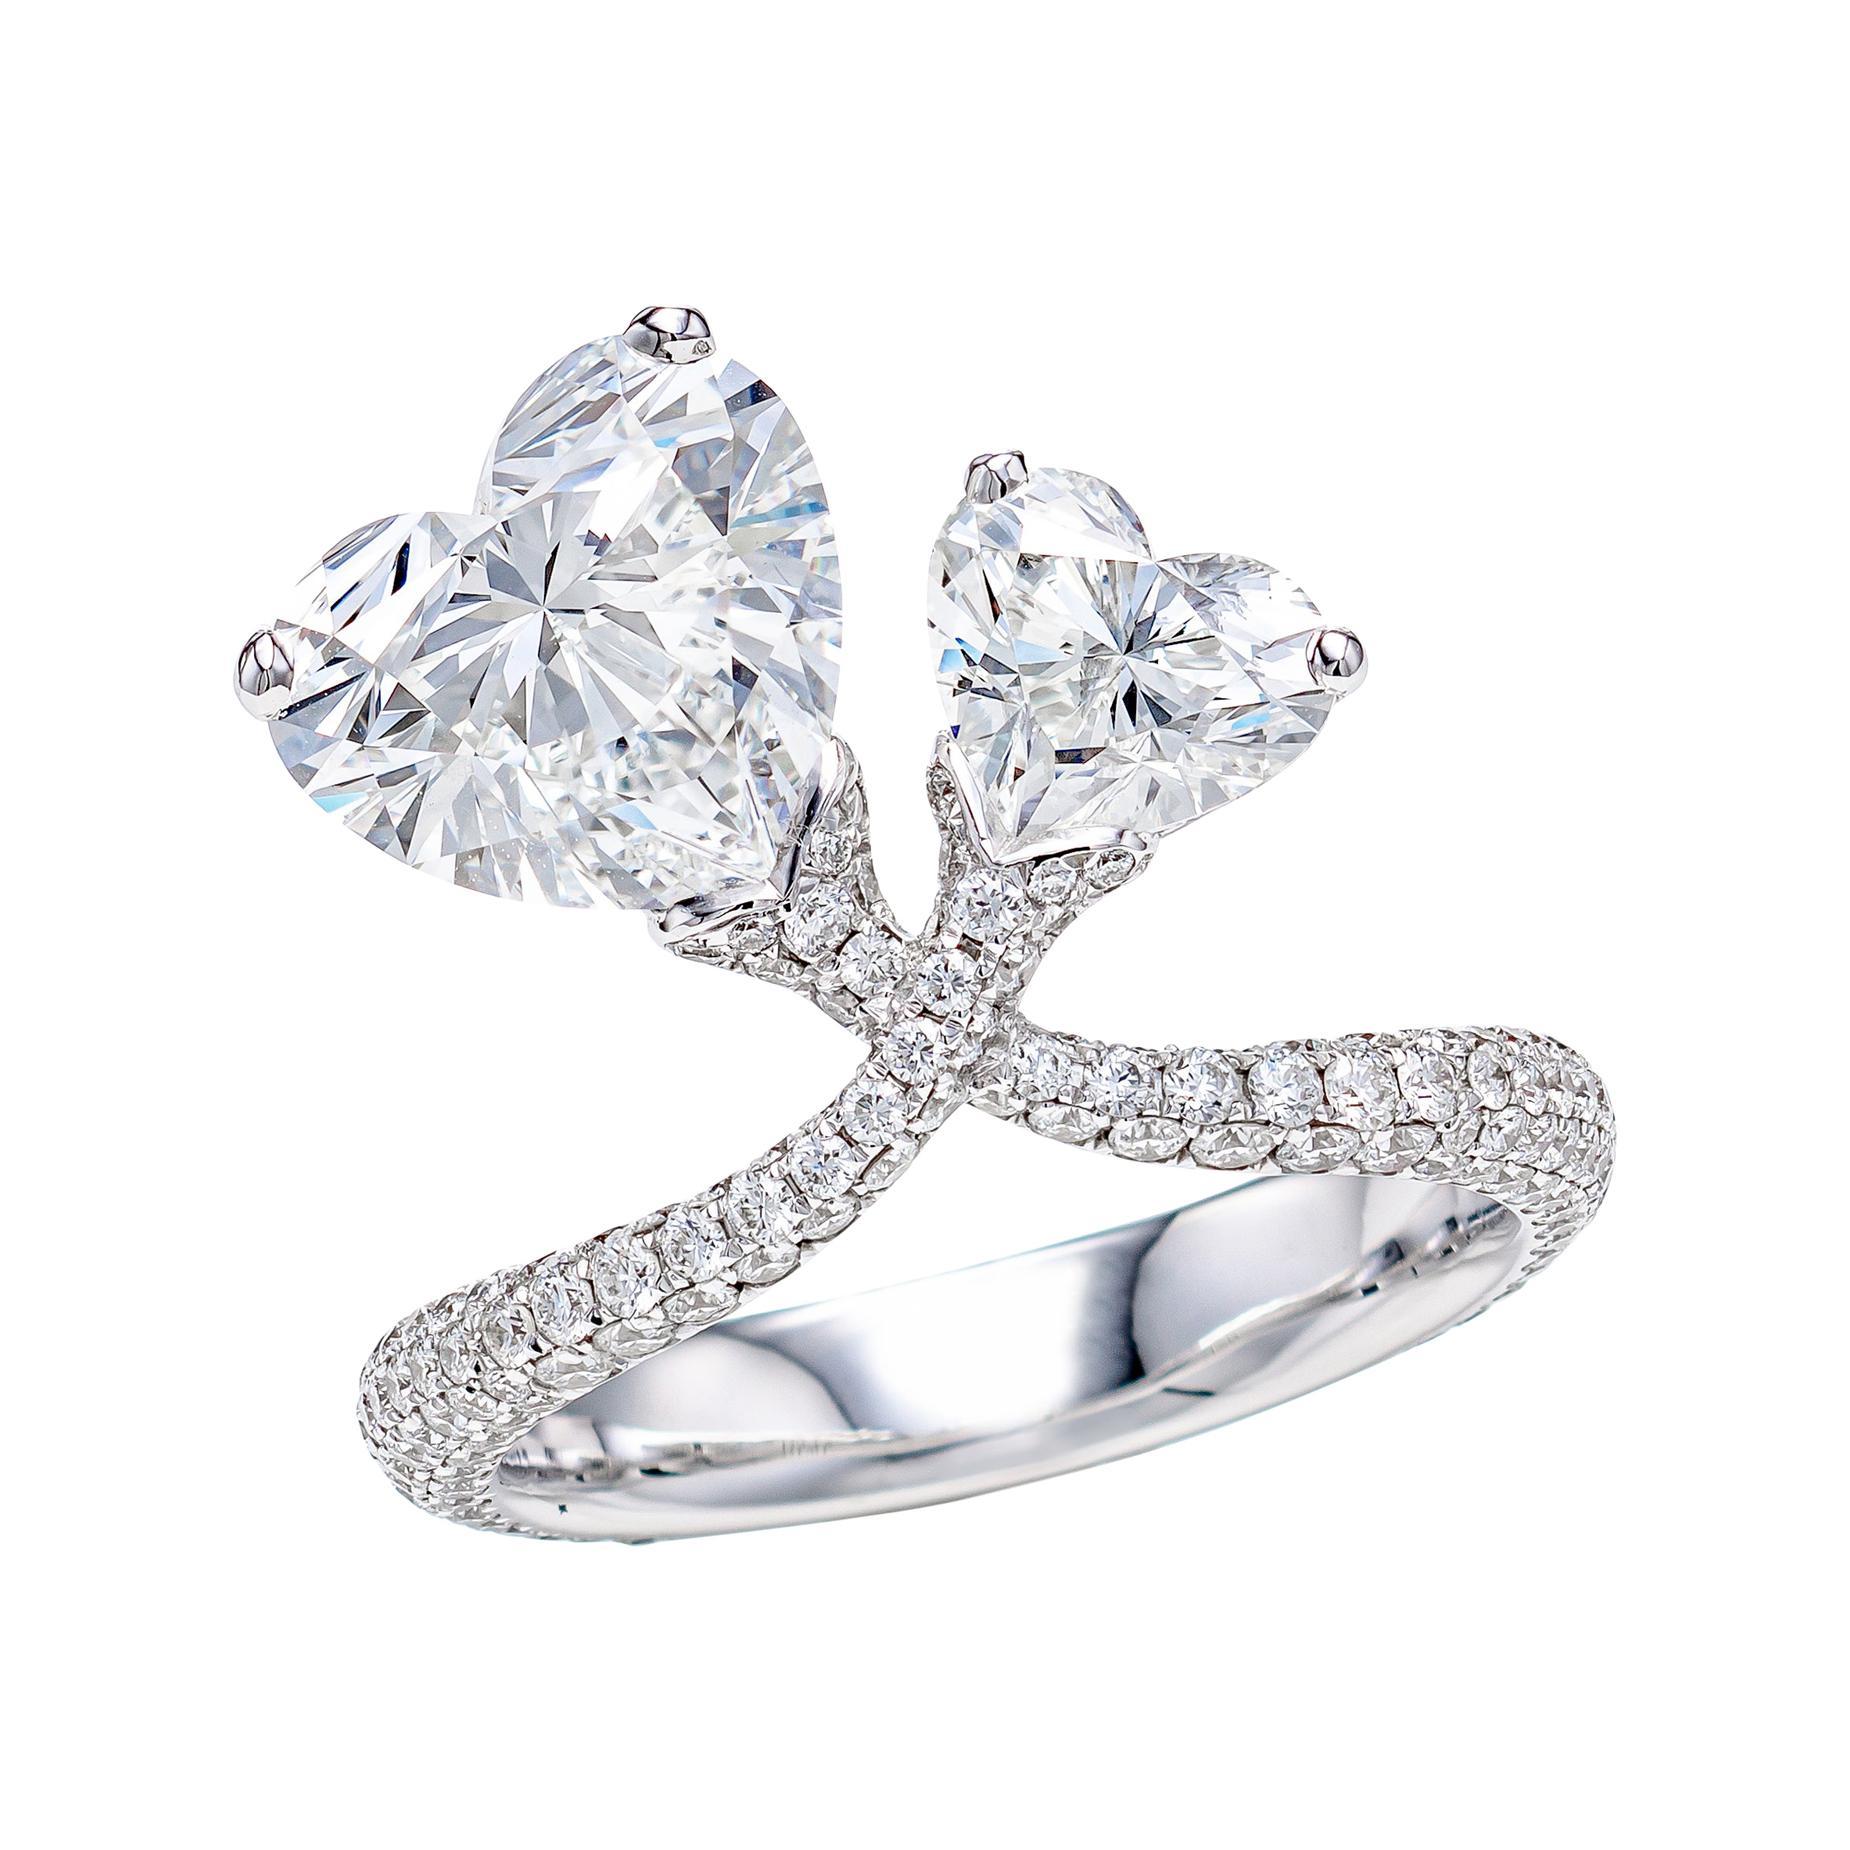 GIA Certified 5.21 Carat Toi et Moi Heart Shape Diamond Ring in 18K Gold